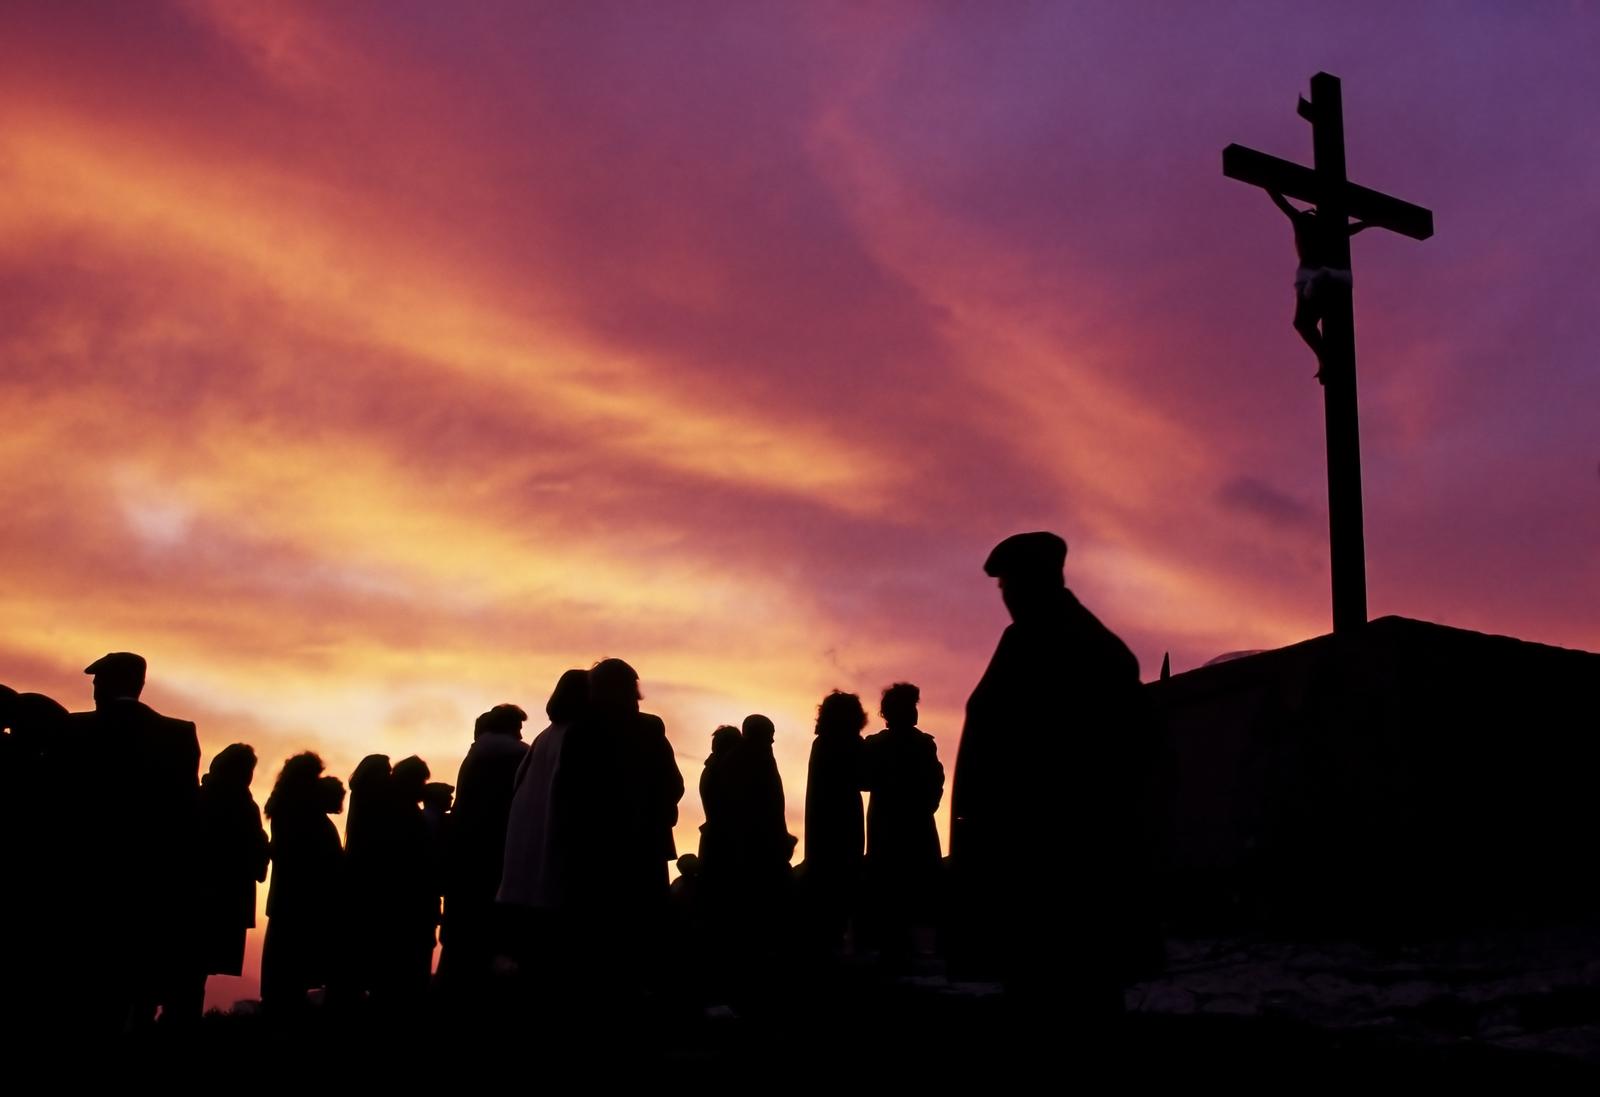 Todo sobre Semana Santa: nuestra Serie de Artículos para Saber todo lo que Se Necesita conocer